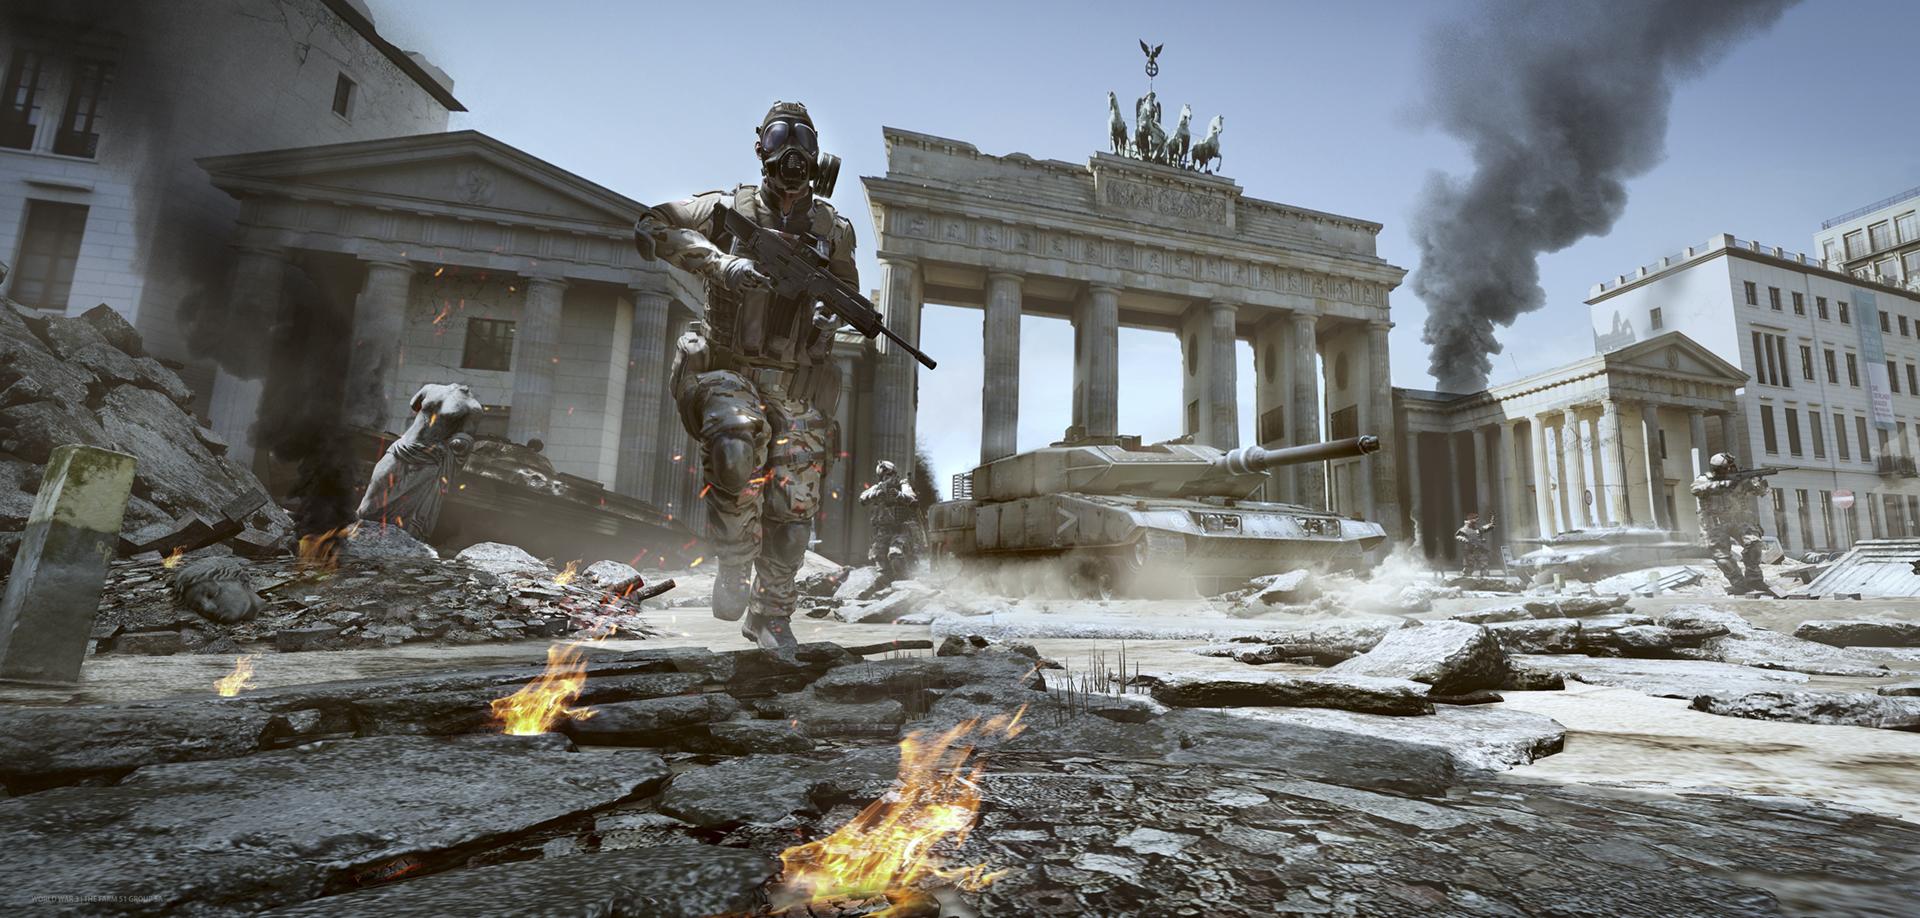 S vojenskou akcí World War 3 se podíváme do Berlína i Paříže 118343